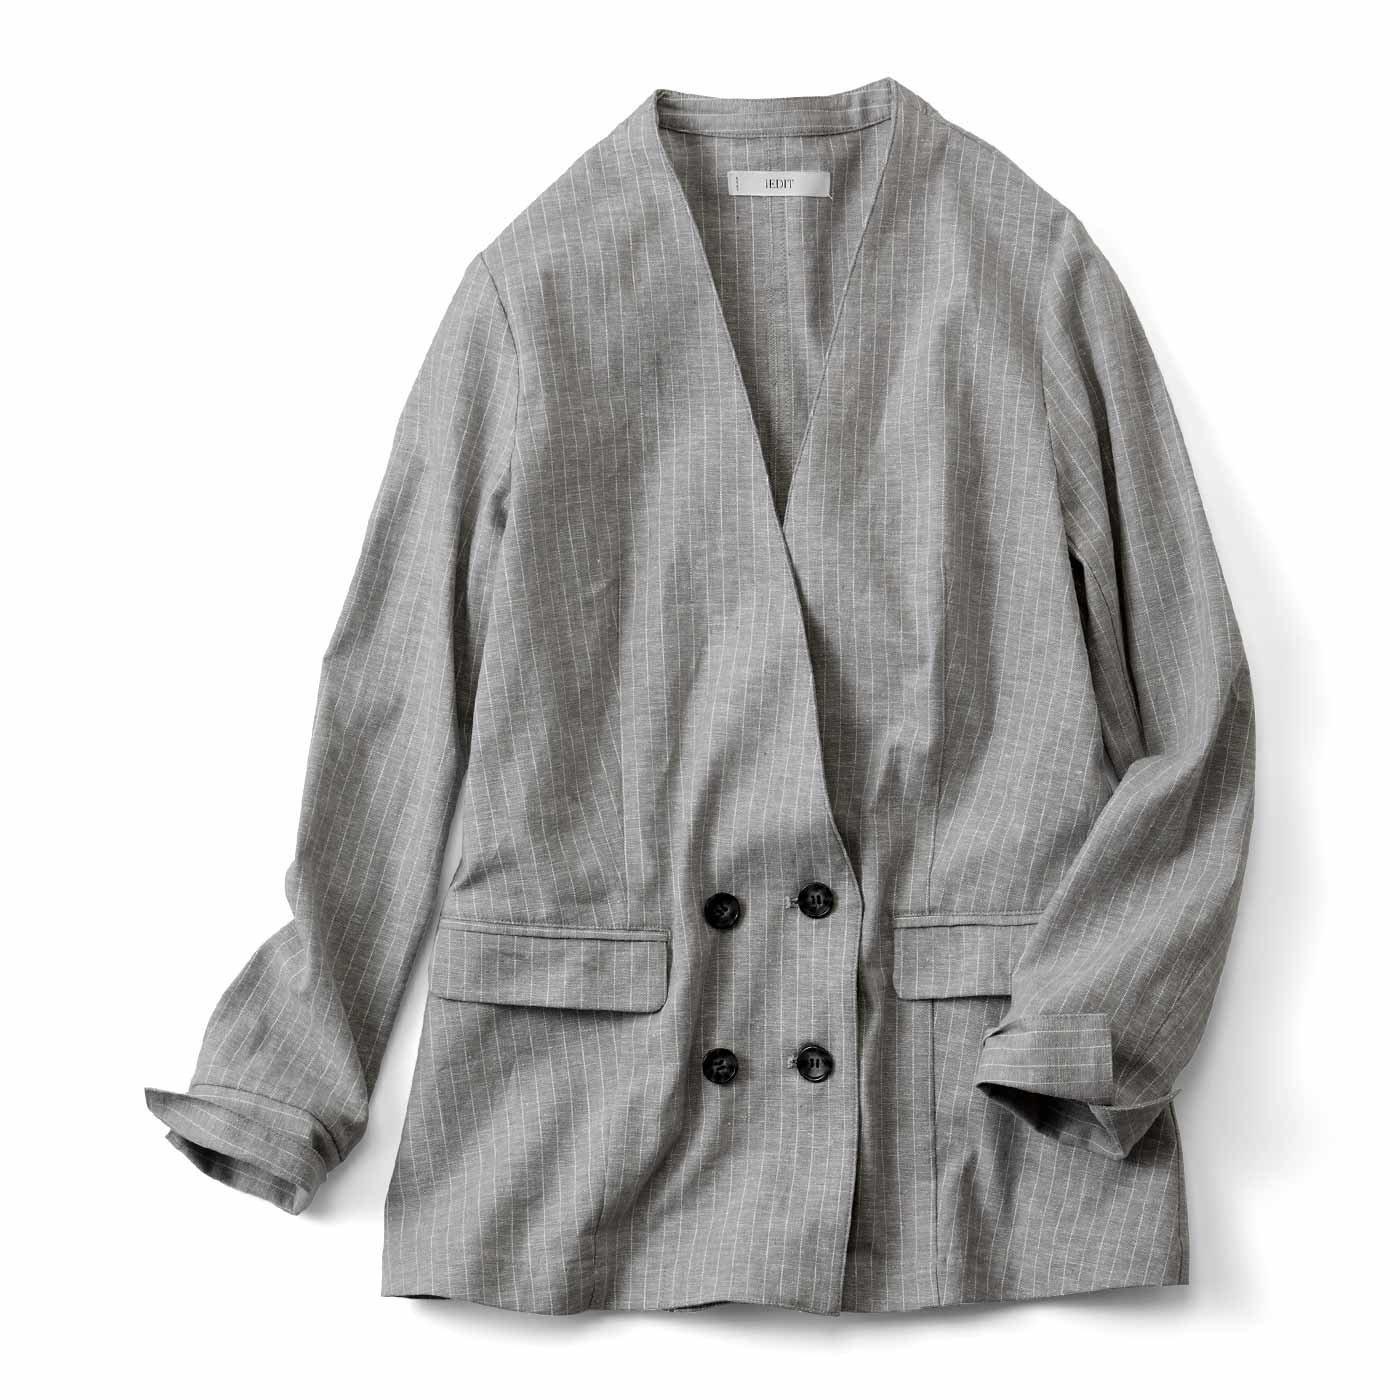 IEDIT[イディット] ストレッチリネン素材で伸びやかな着心地 ノーカラージャケット〈グレー〉